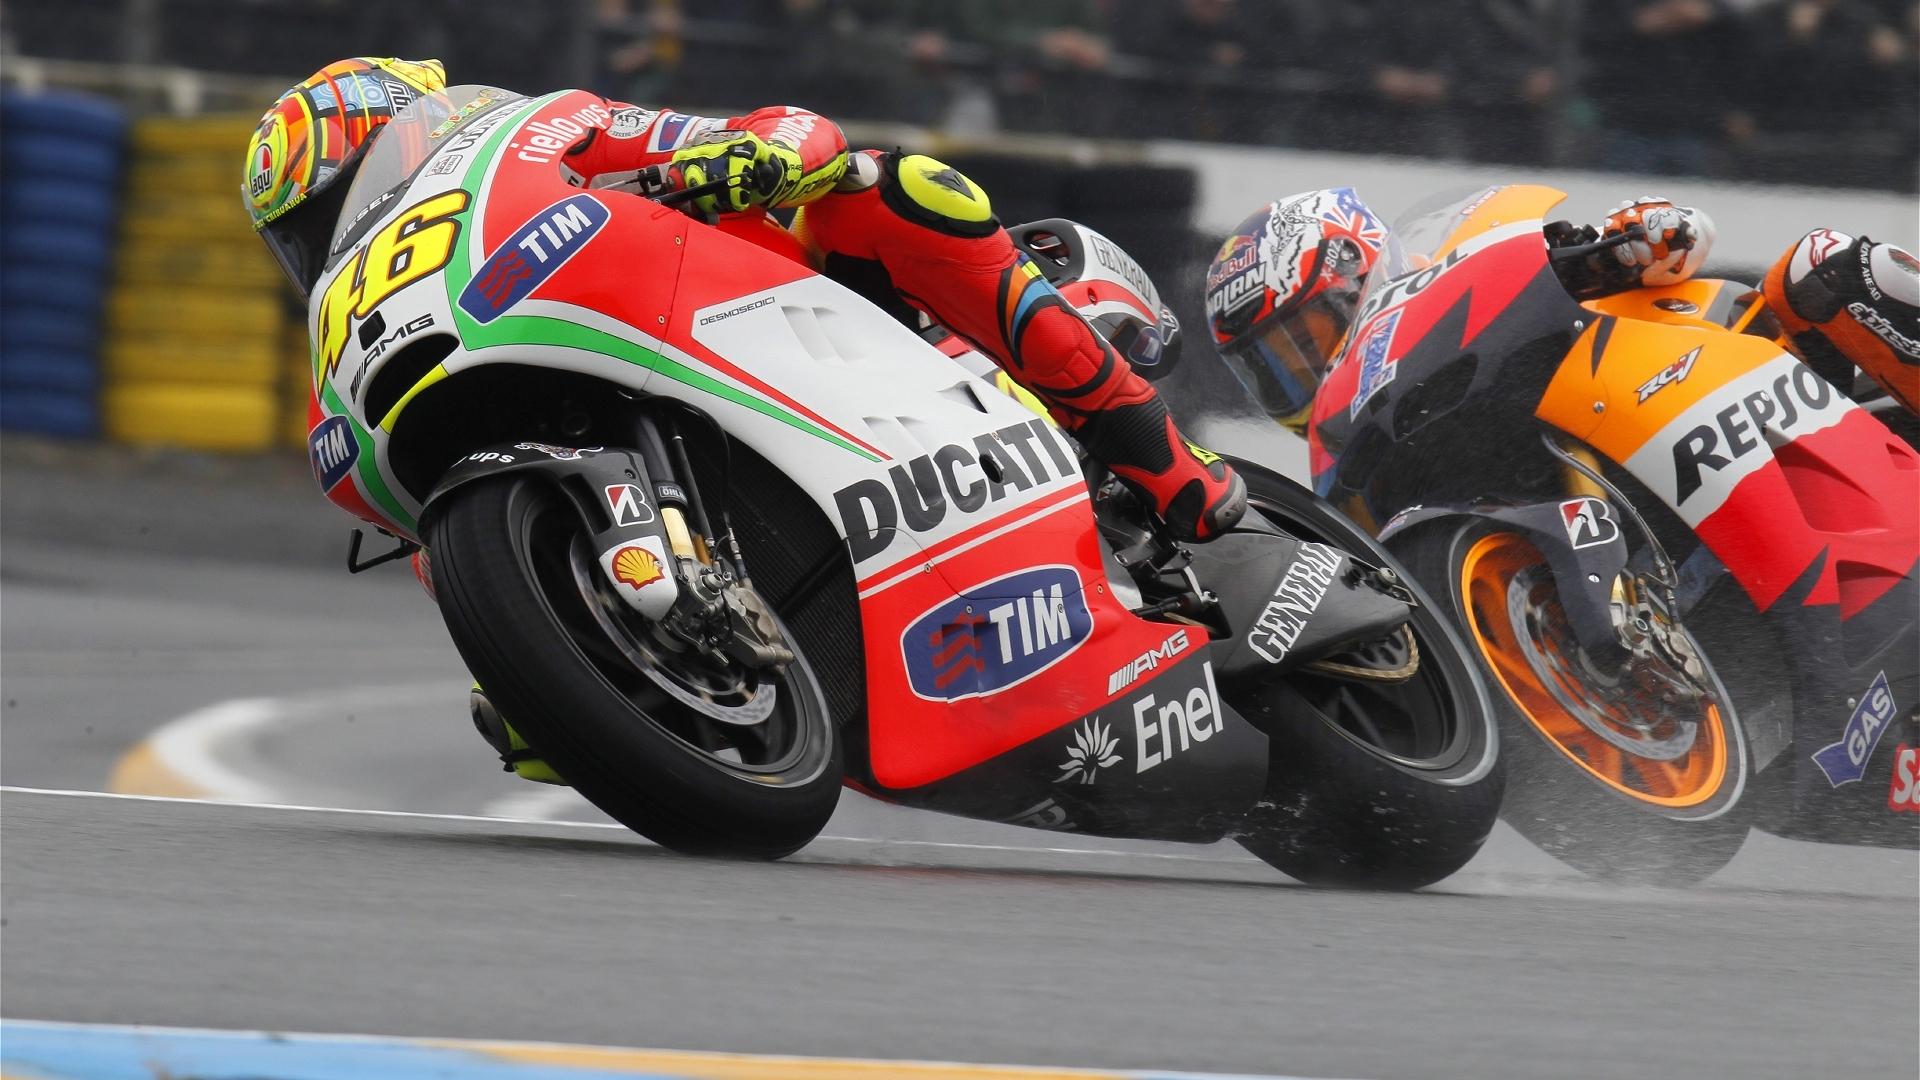 Moto Ducati VS Honda - 1920x1080